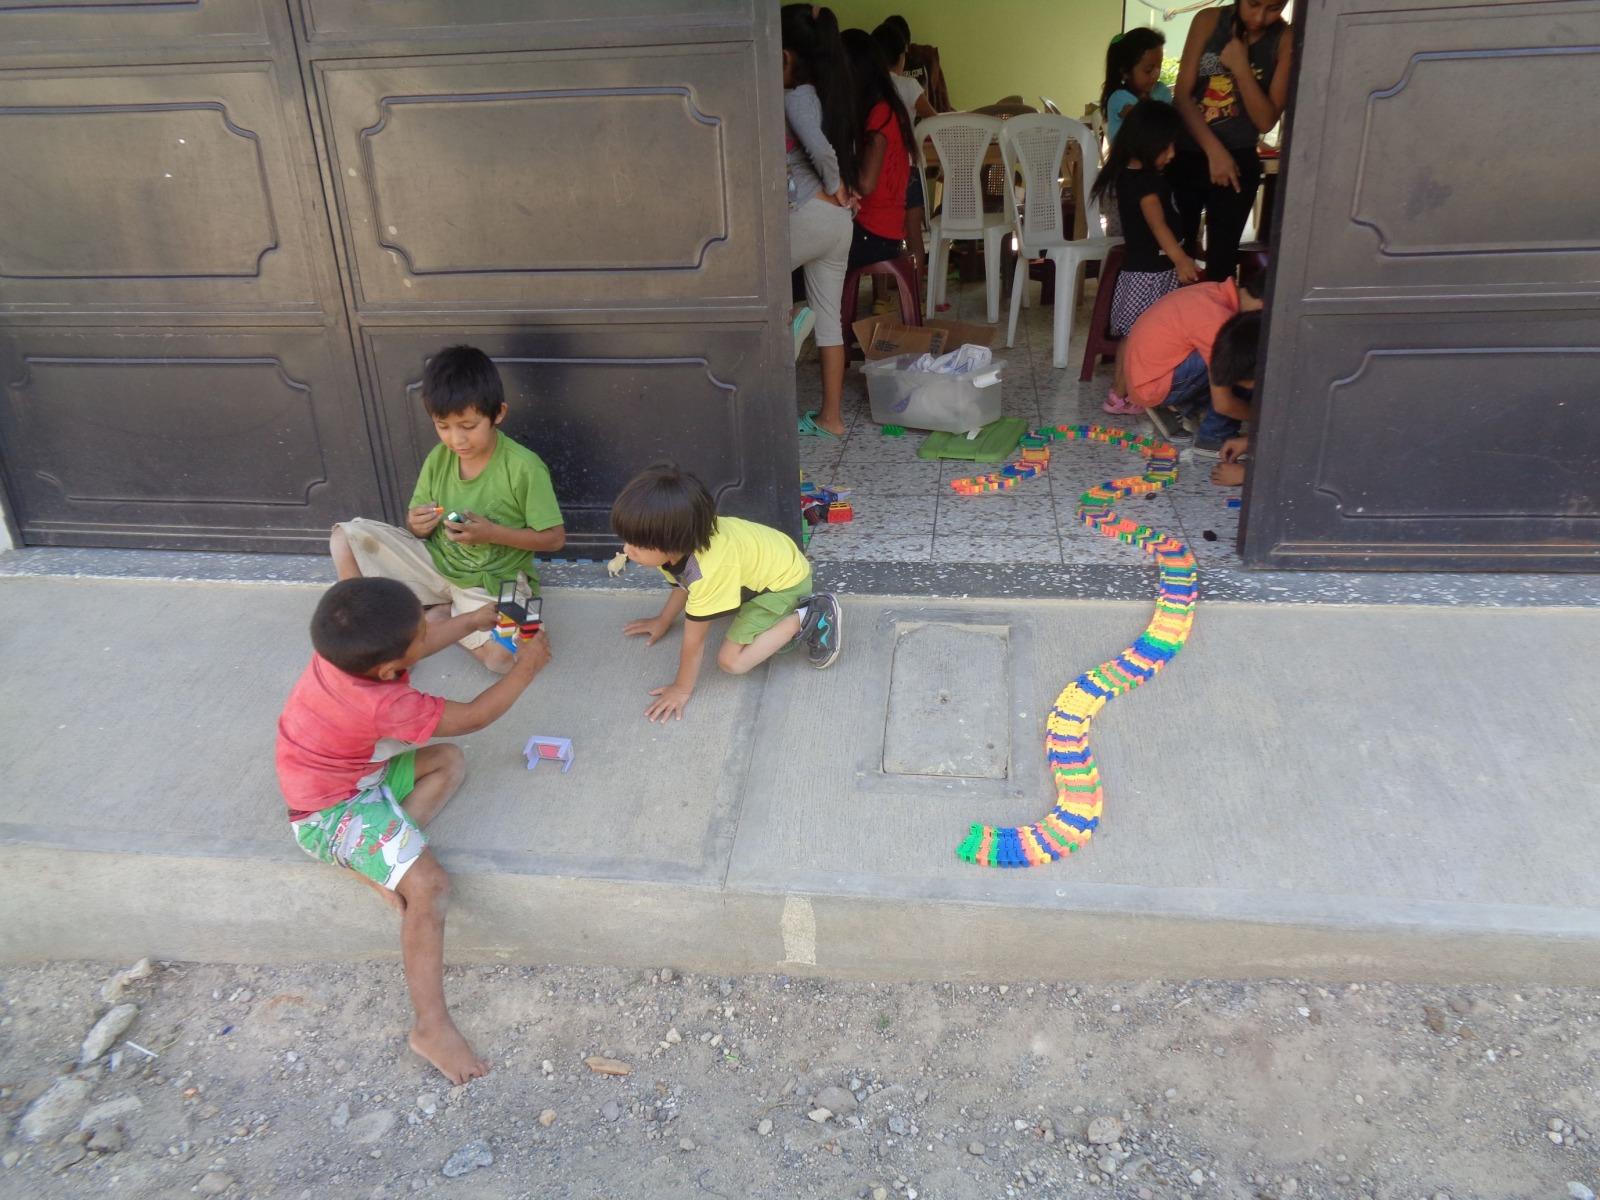 Bibliothek der Kleinen Schwestern mit Büchern, Spielen, Nachhilfe